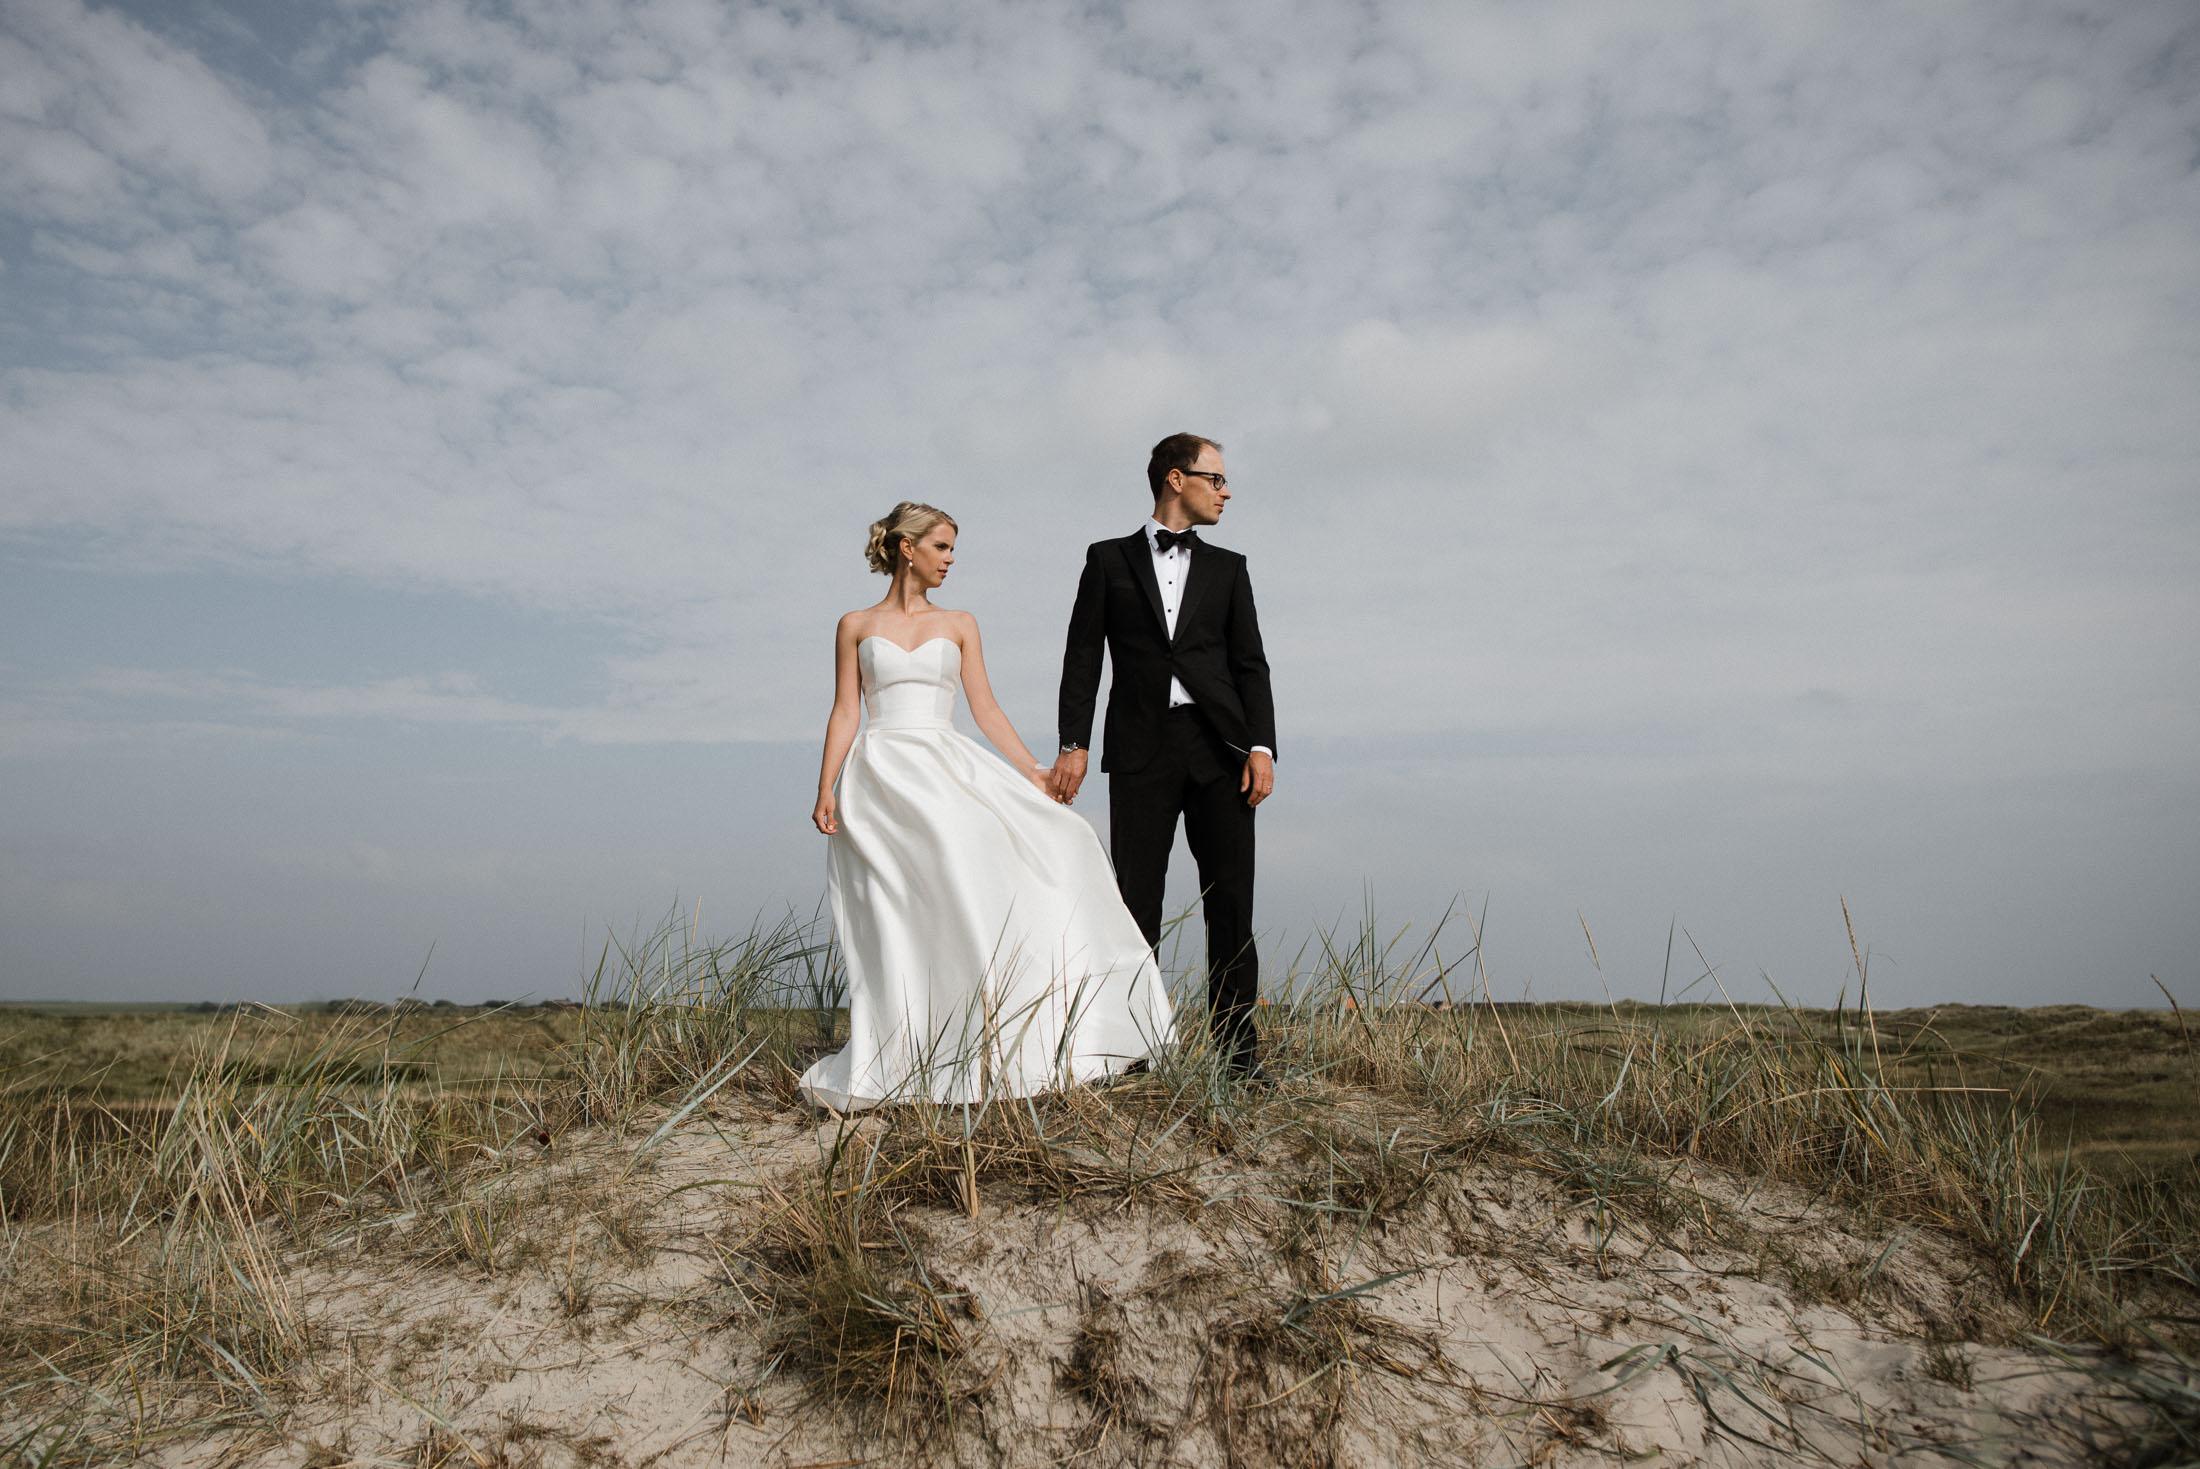 Hochzeitsfotografie Sankt-Peter Ording- Hochzeitsbilder am Strand- Brautpaar Hand in Hand